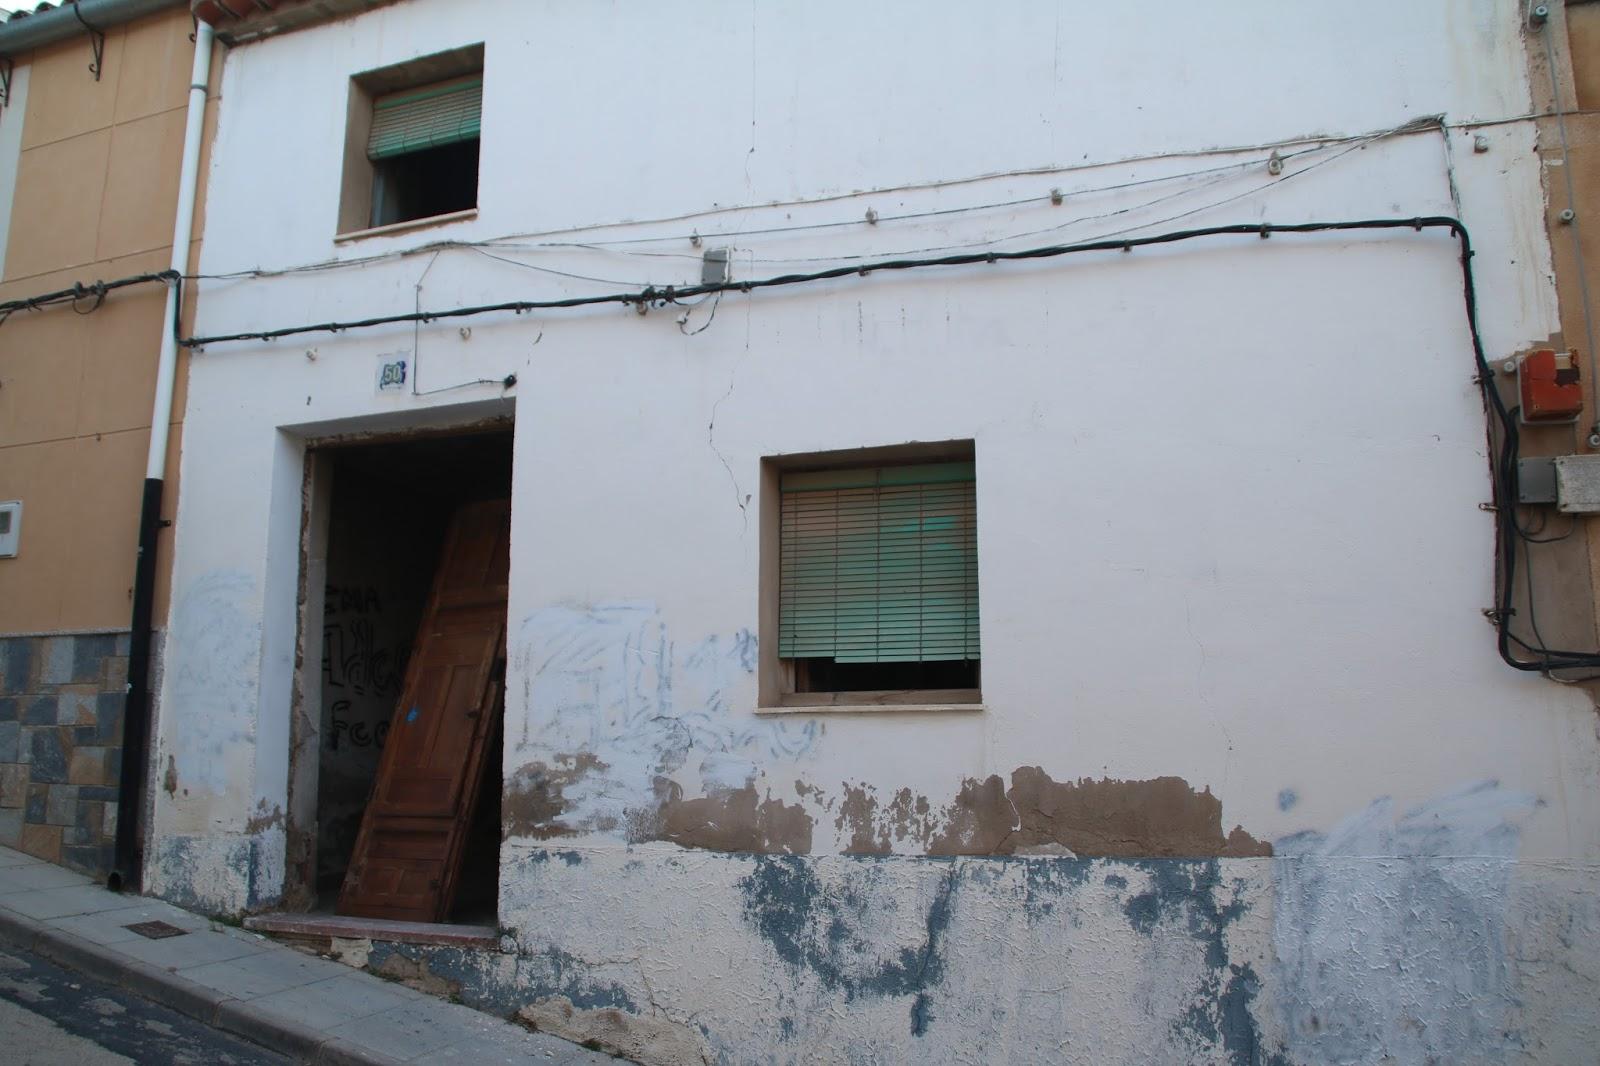 El blog de joaqu n medina una casa abandonada en la calle Casas embargadas por bancos